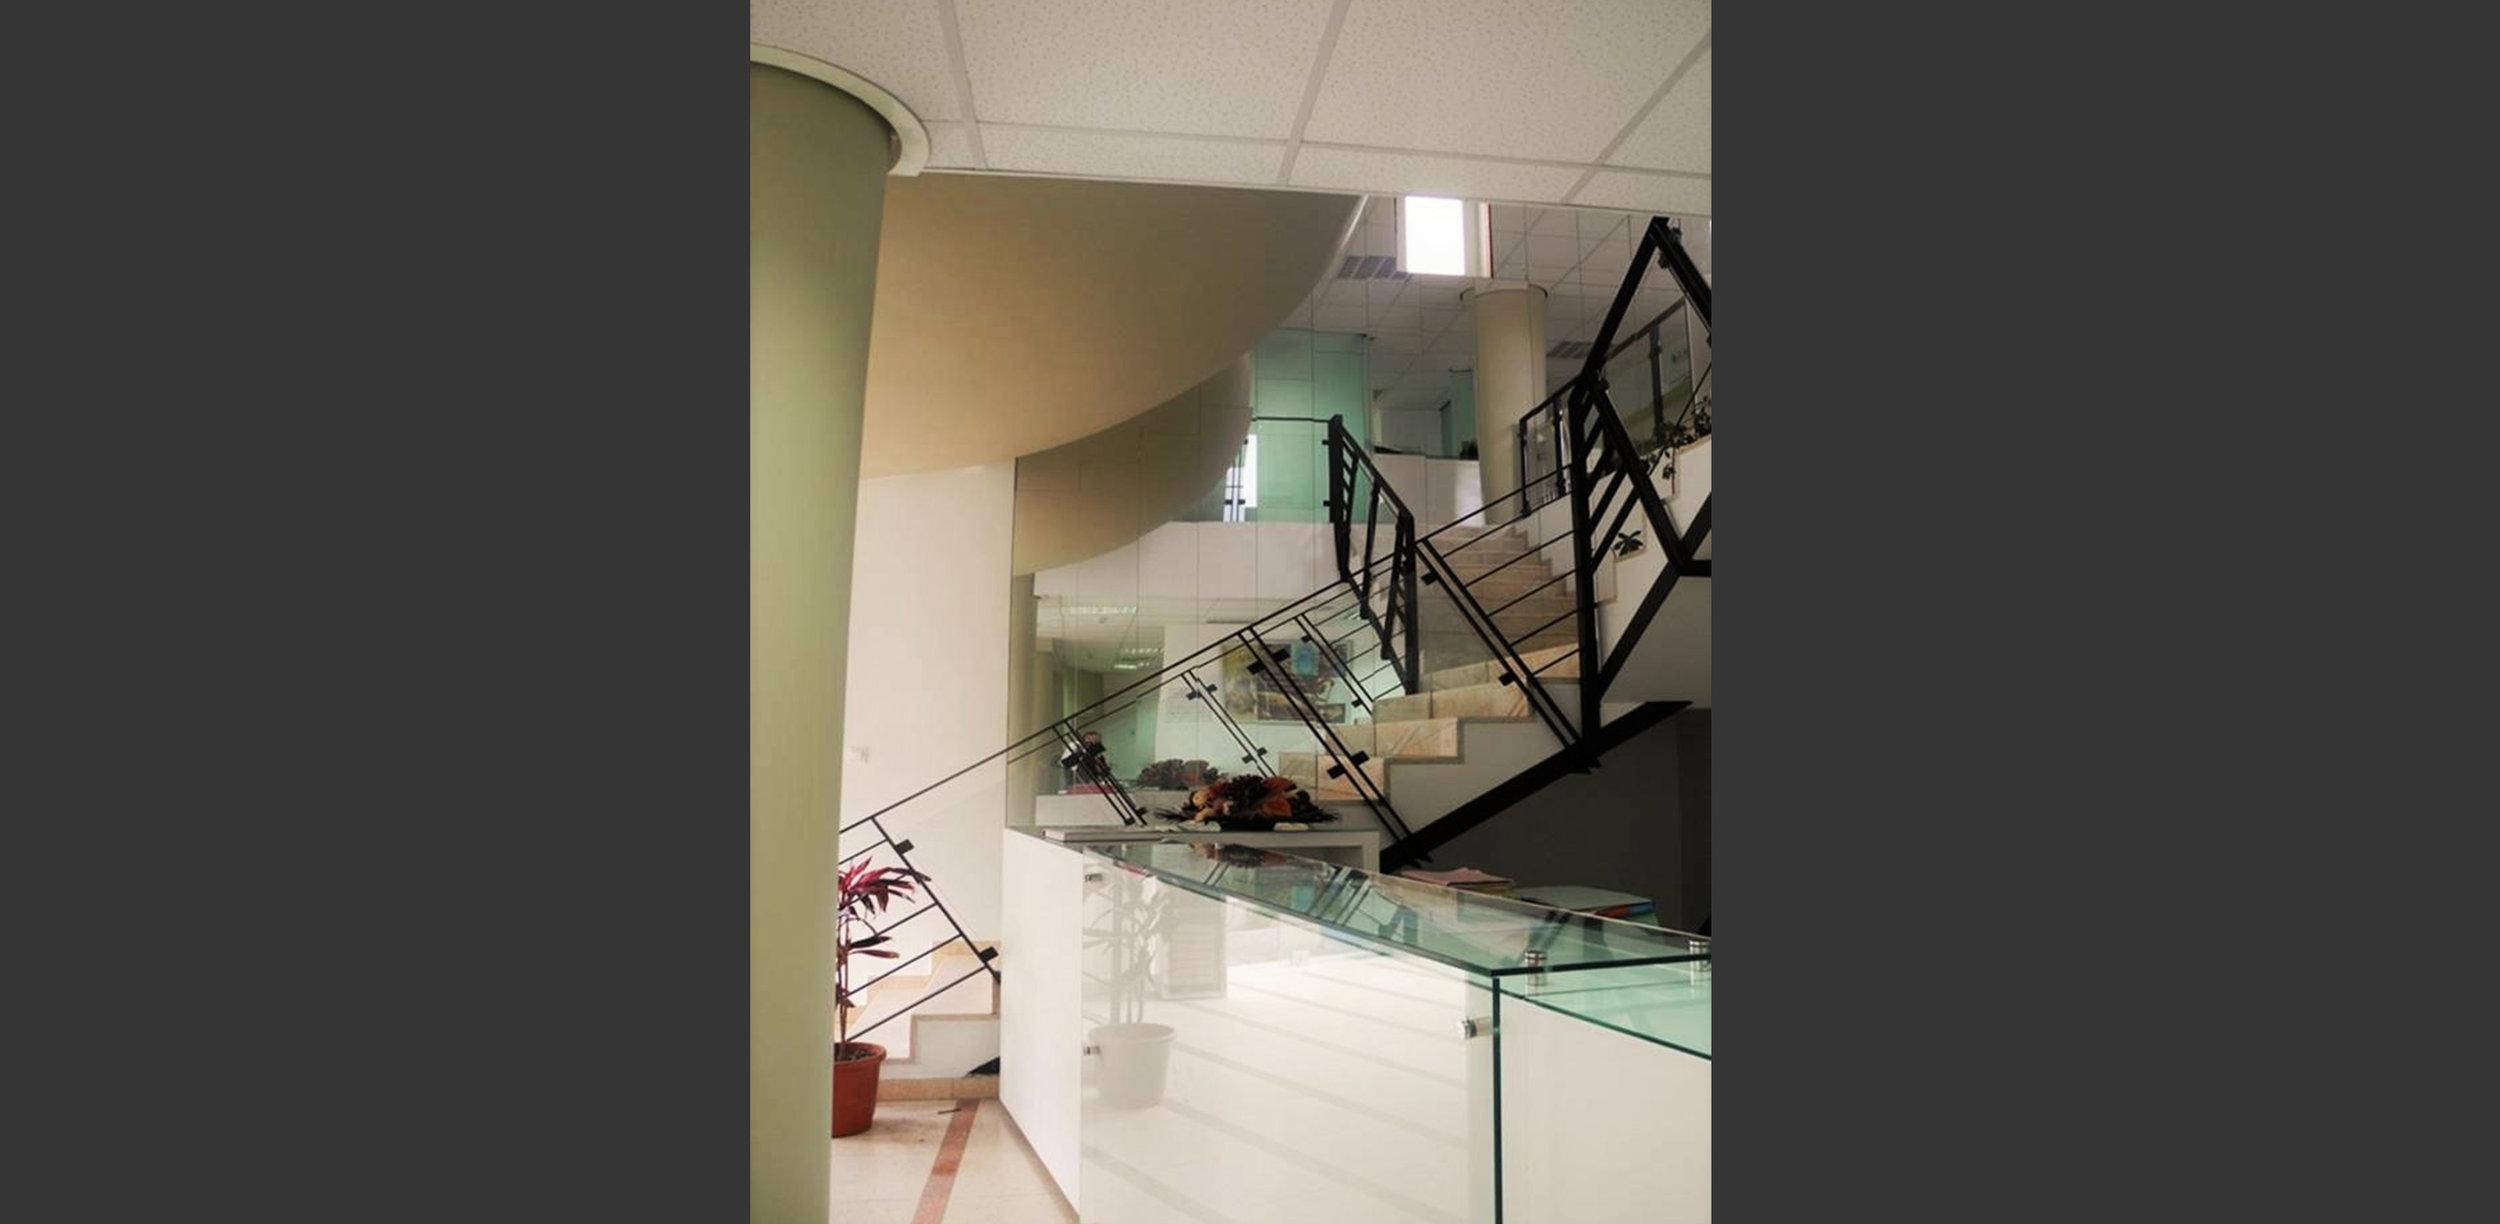 Clinique fécondation in-vitro Tiziri Alger. Atelier Messaoudi architecture aménagement et design. Bureau d'étude Algérie.